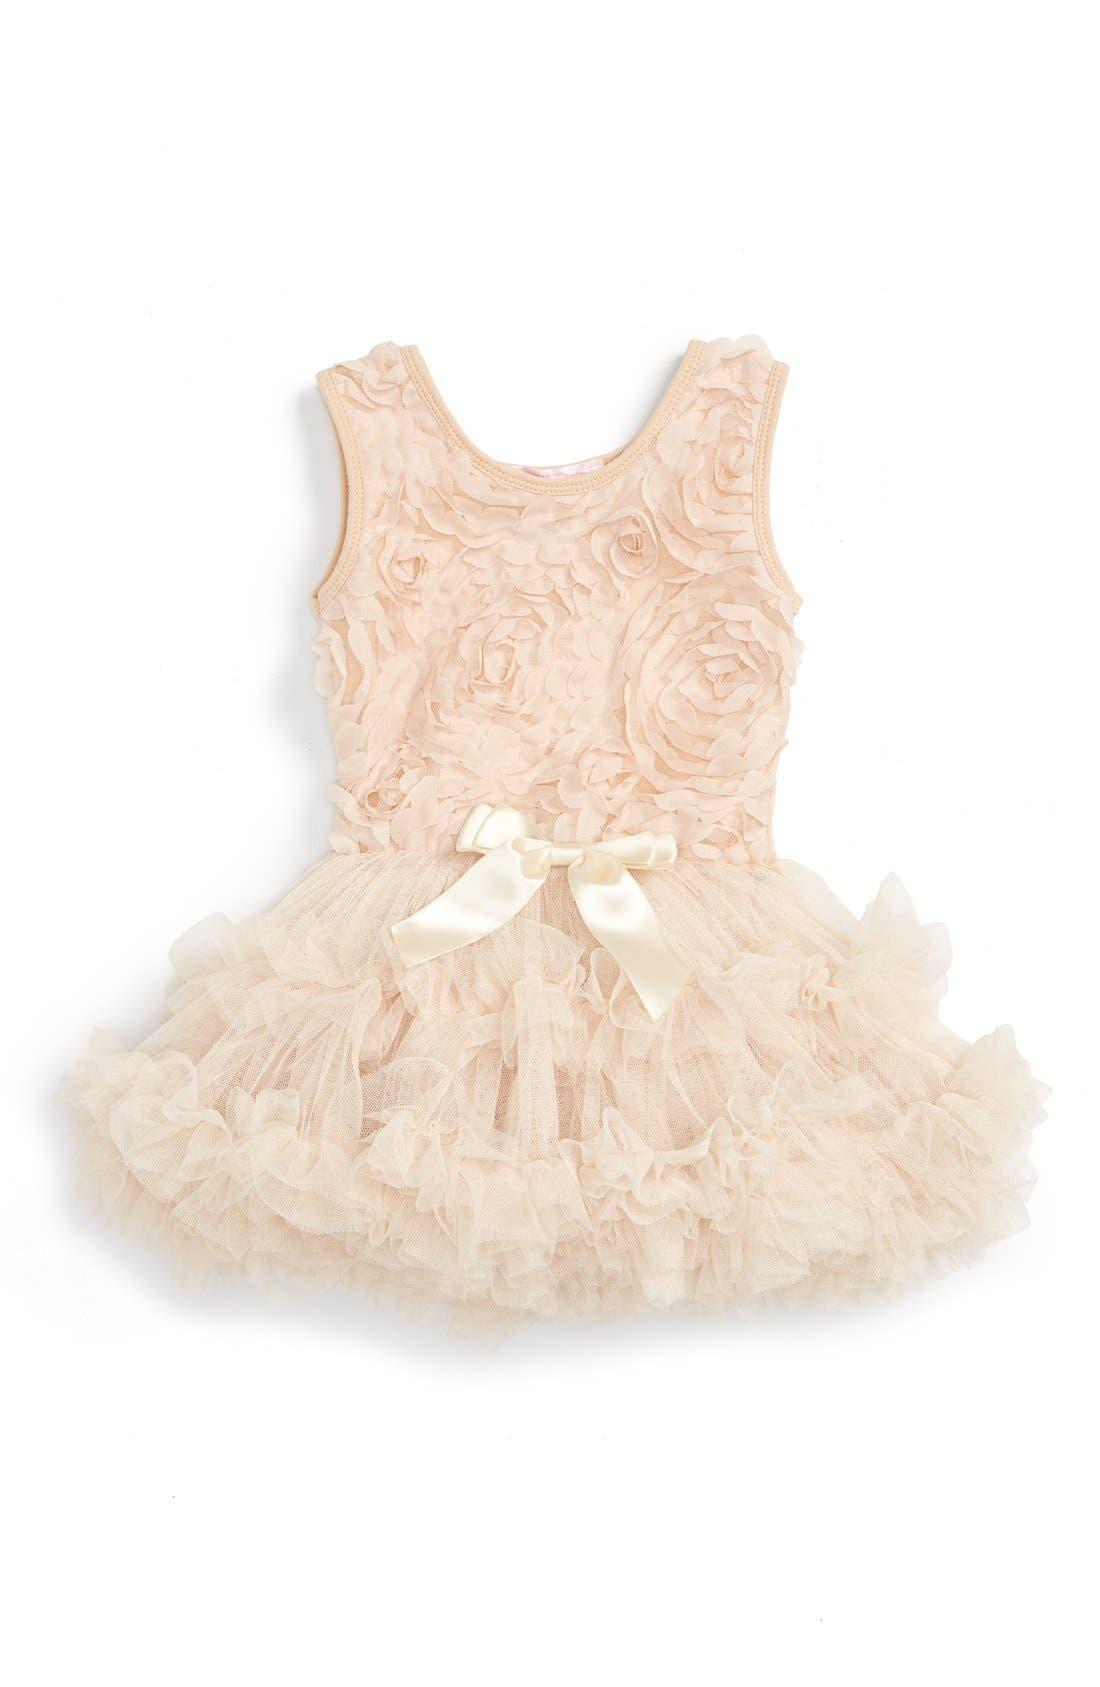 Ribbon Rosette Tutu Dress,                         Main,                         color, CHAMPAGNE